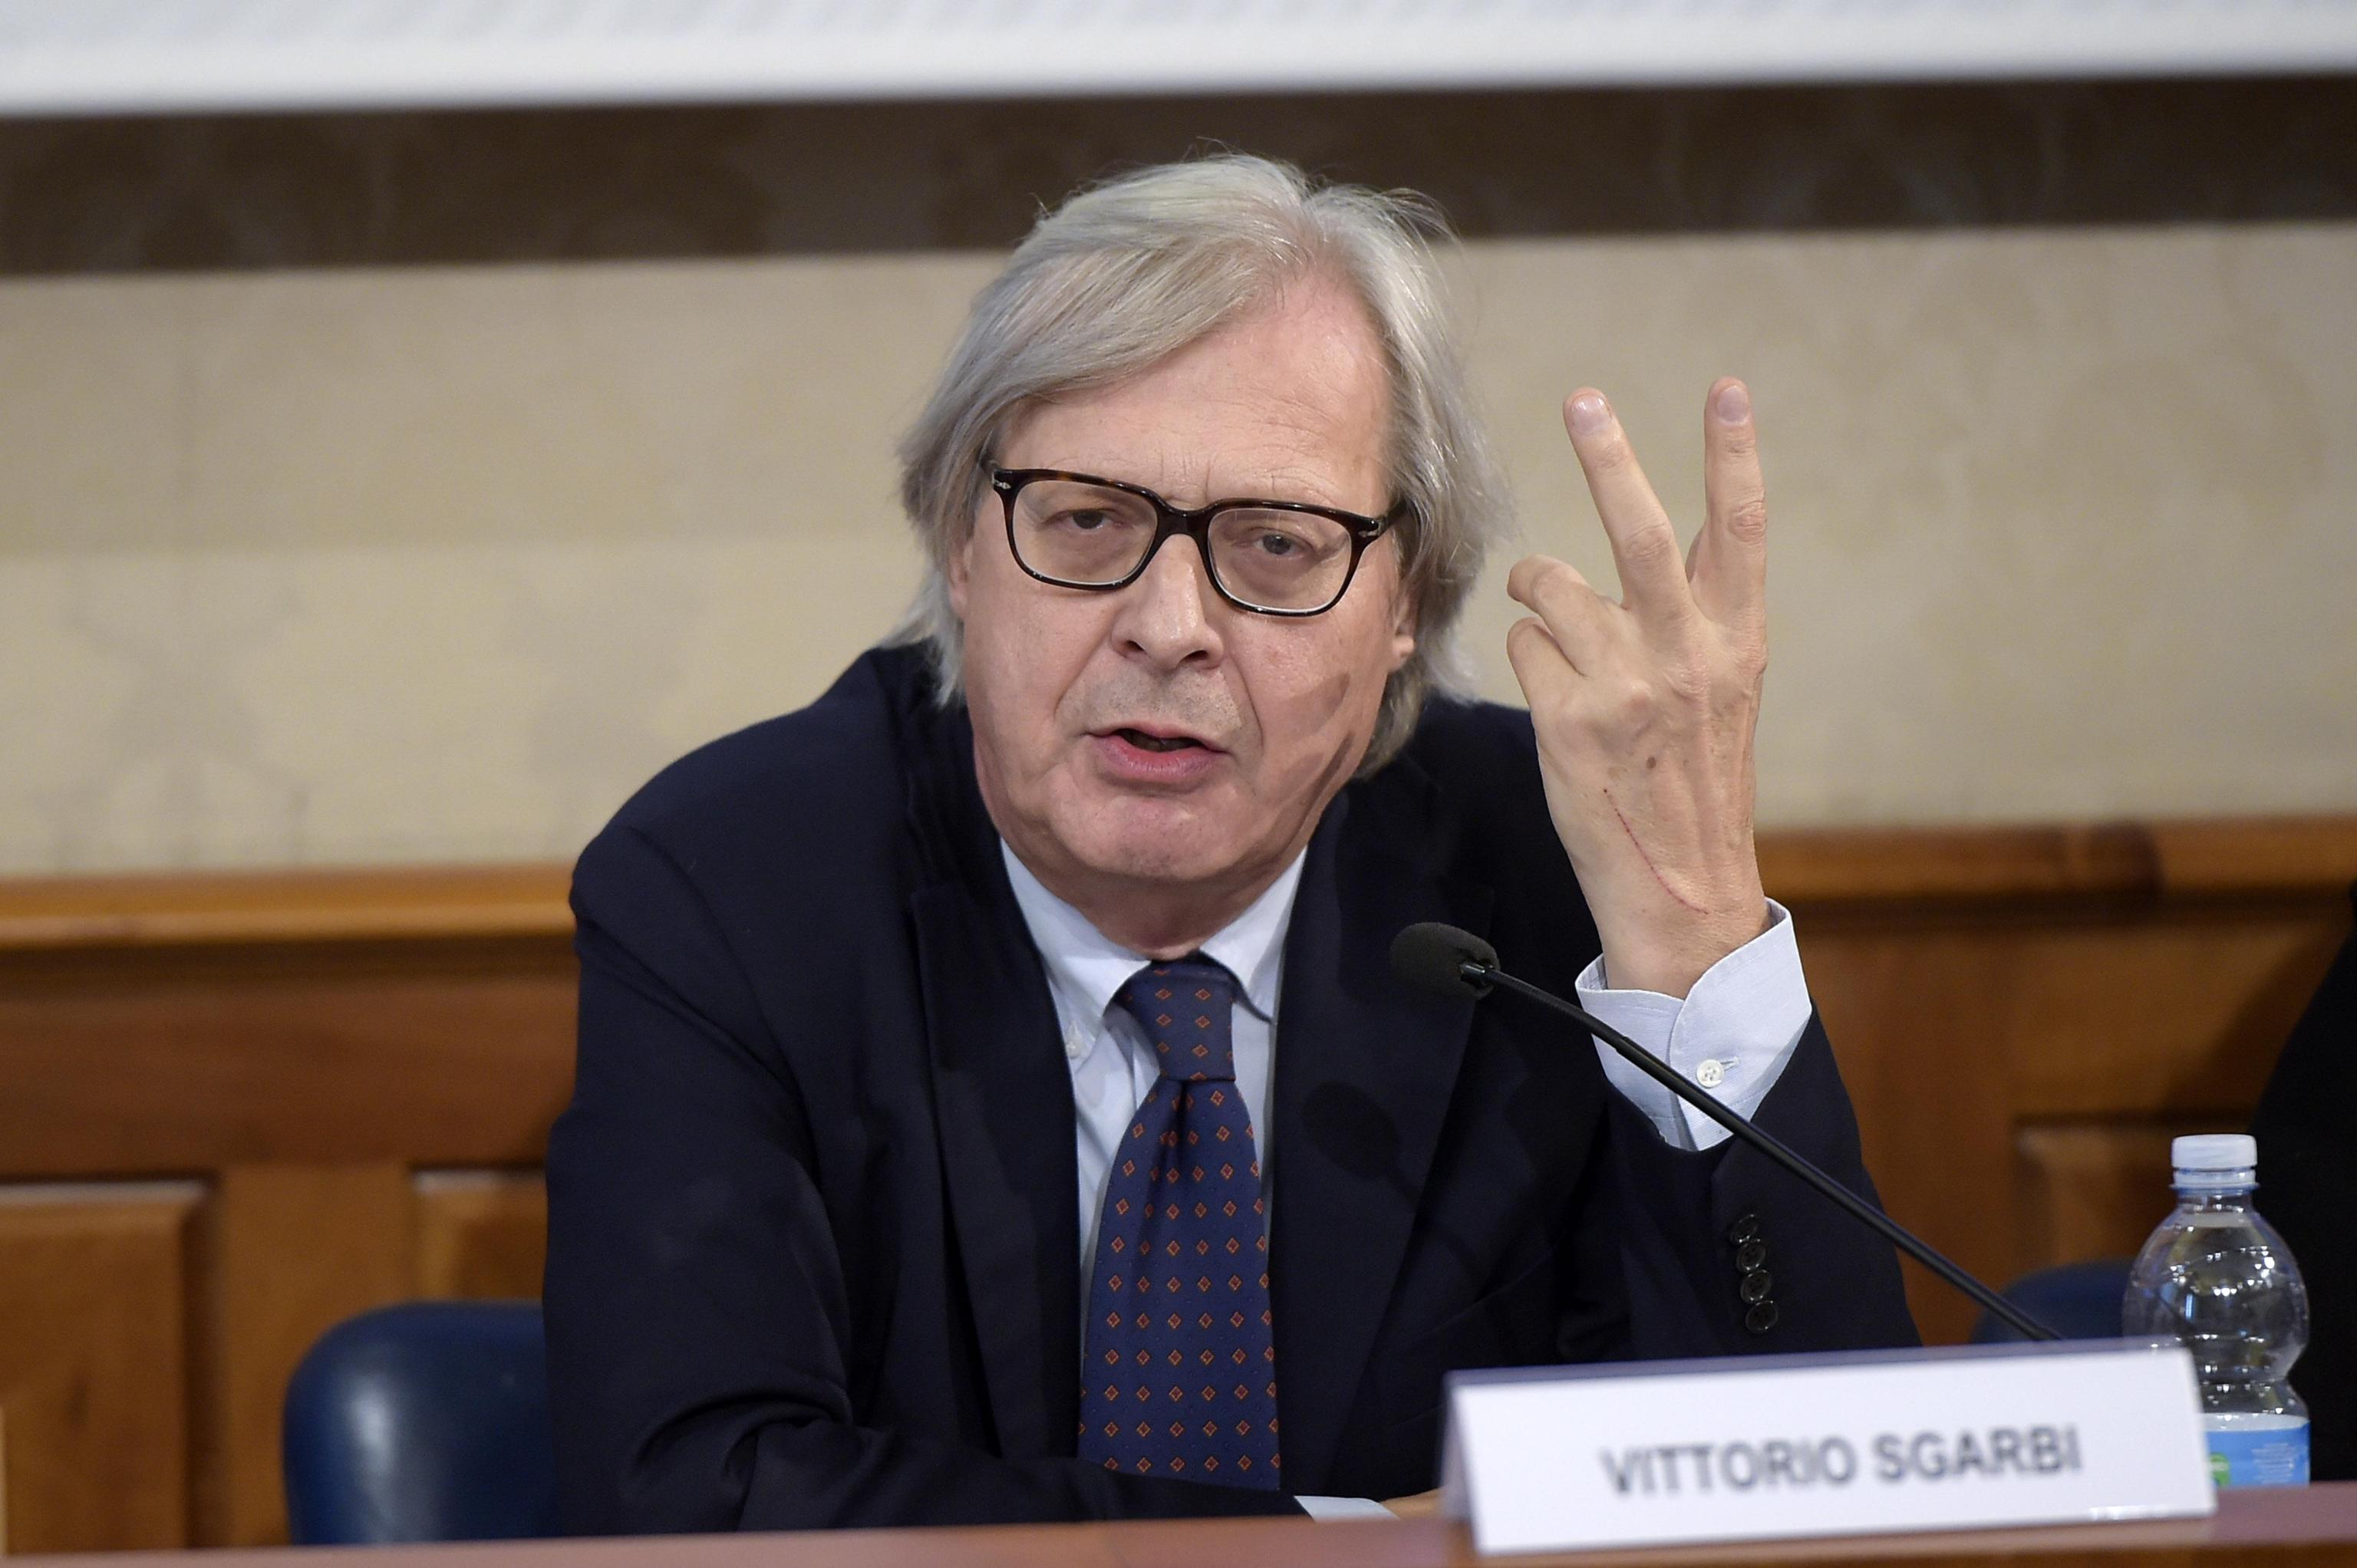 Vittorio Sgarbi indagato per spaccio di opere d'arte false